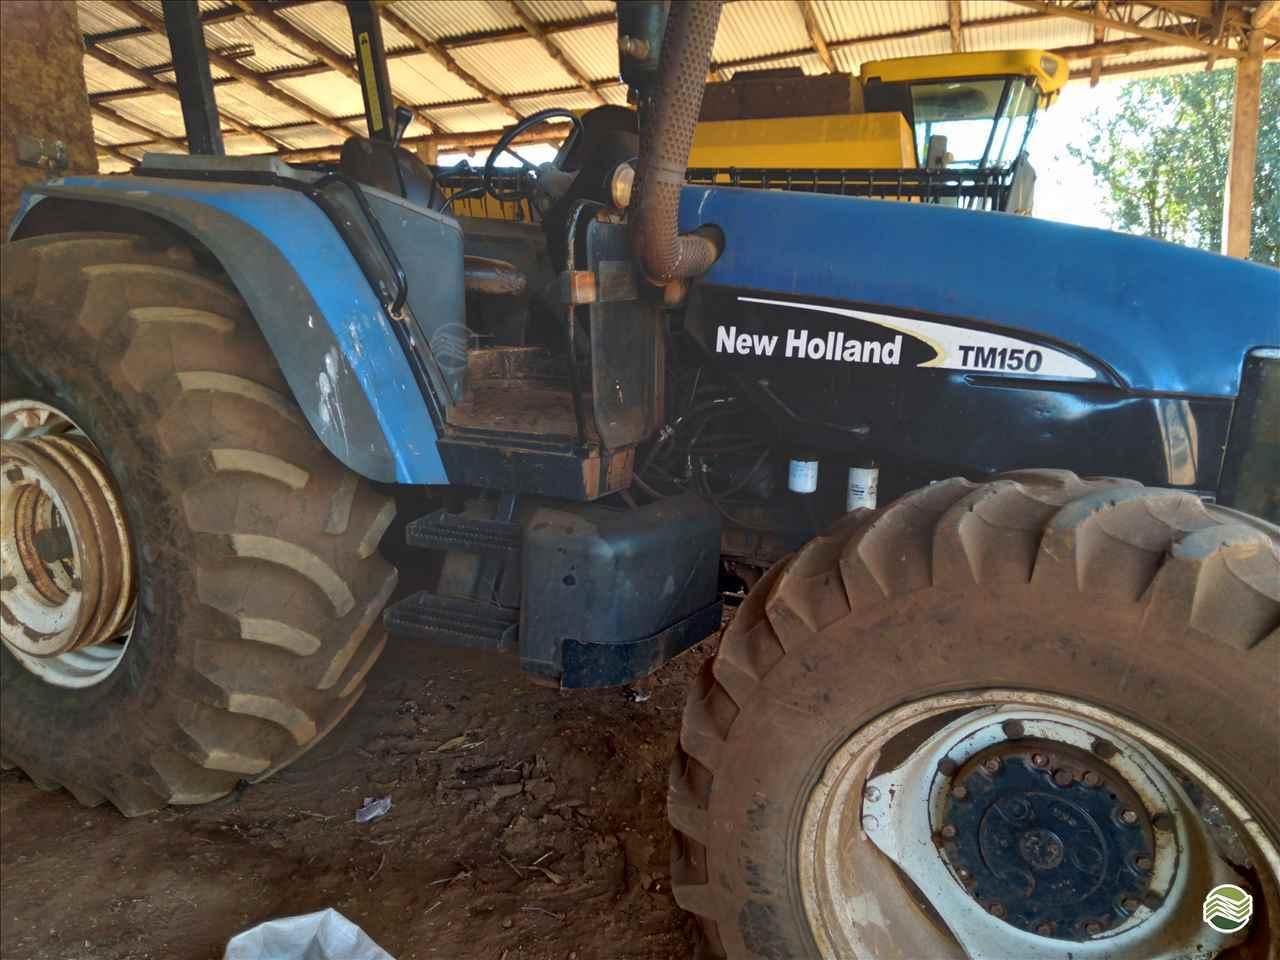 TRATOR NEW HOLLAND NEW TM 150 Tração 4x4 Central Agro CASCAVEL PARANÁ PR